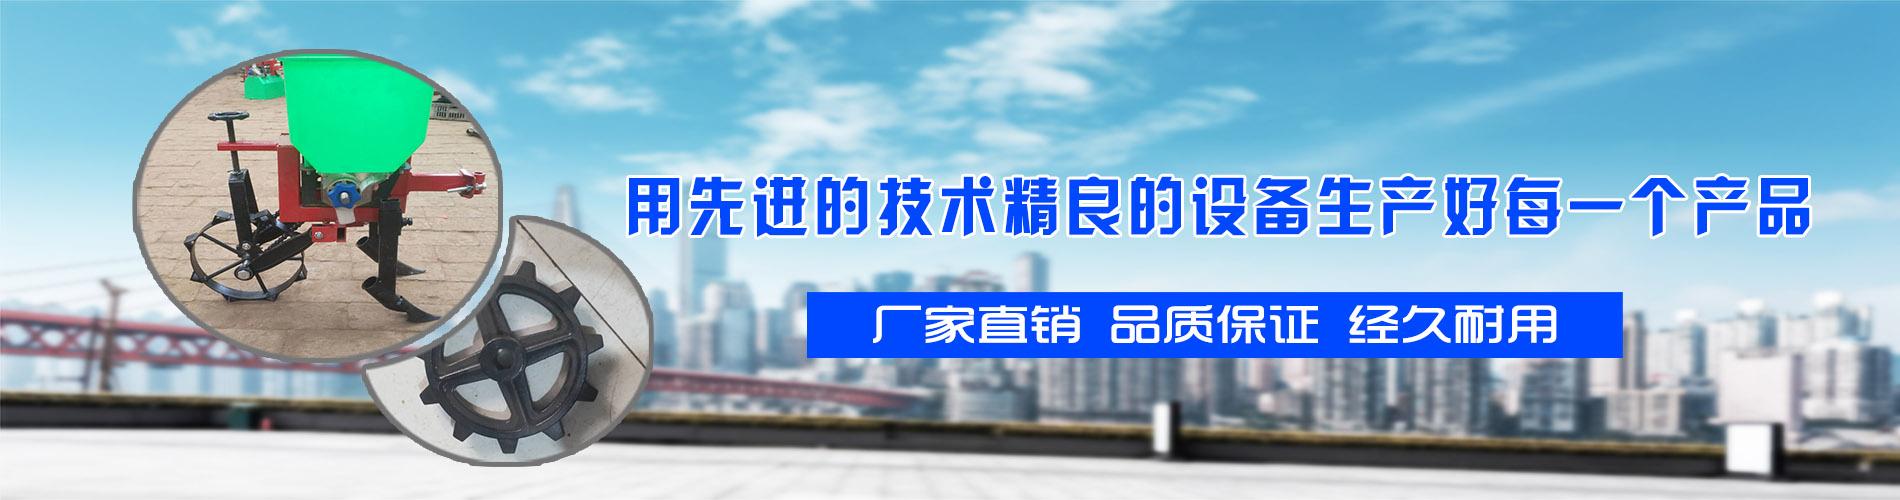 宁津县瑞瑞农机配件加工厂